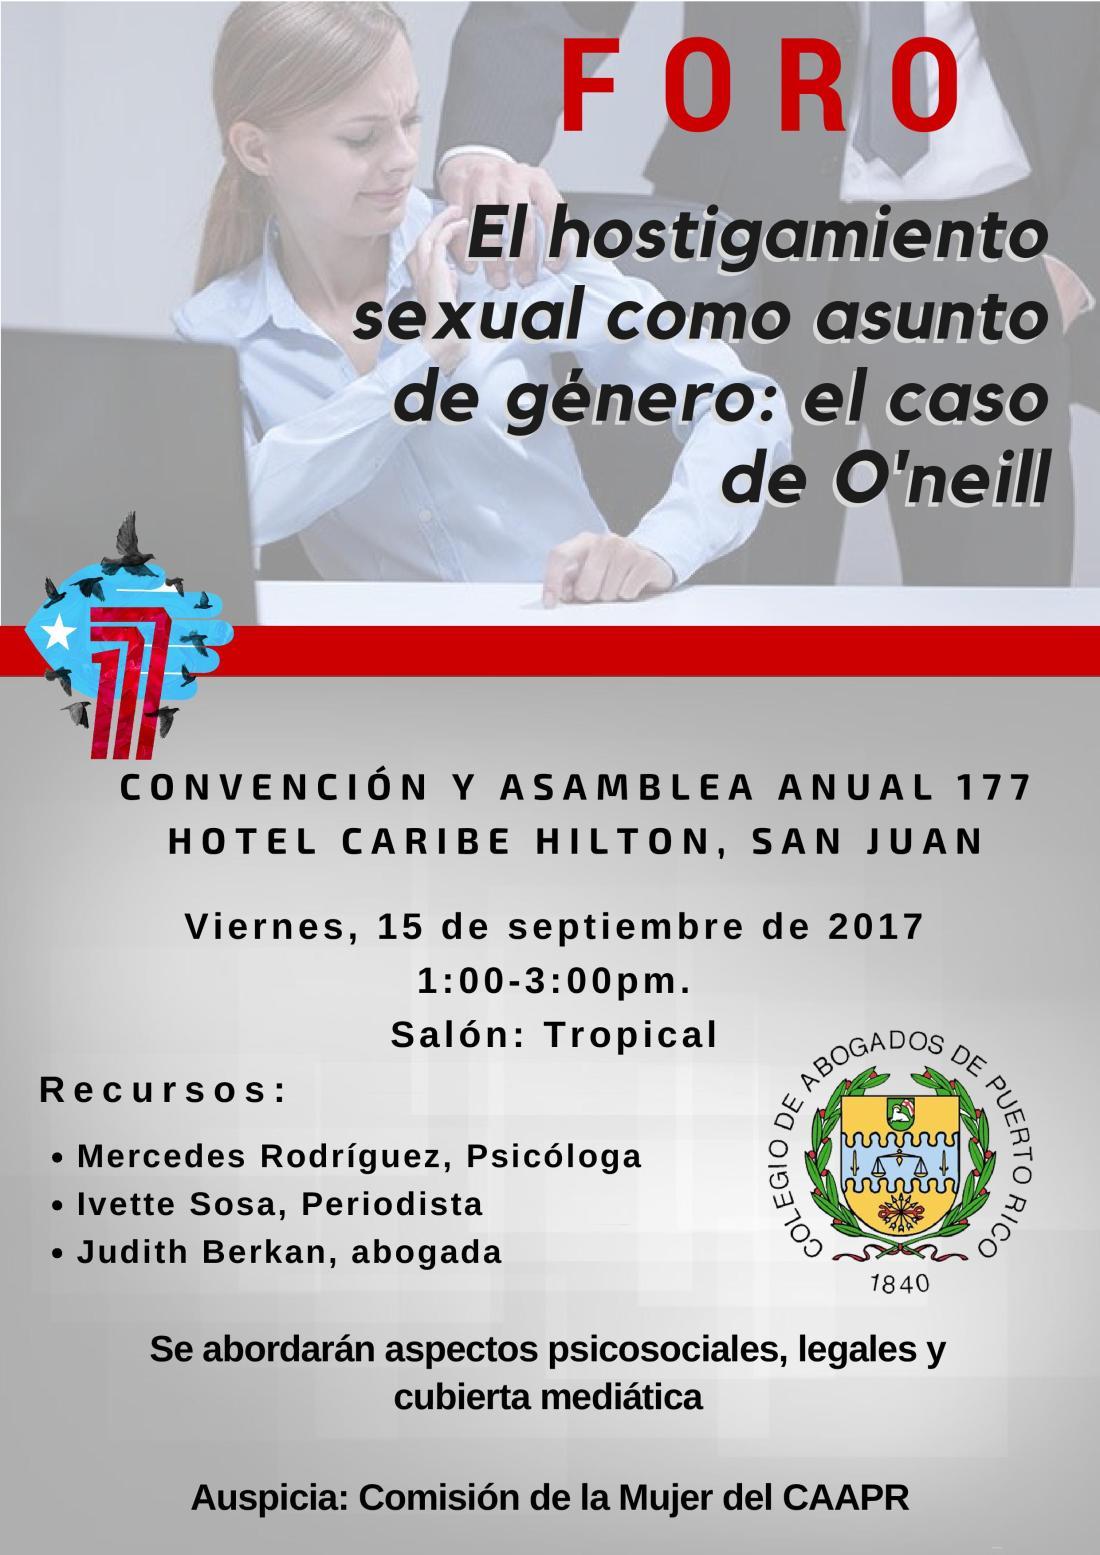 El hostigamiento sexual como asunto de género: El caso de O'Neill